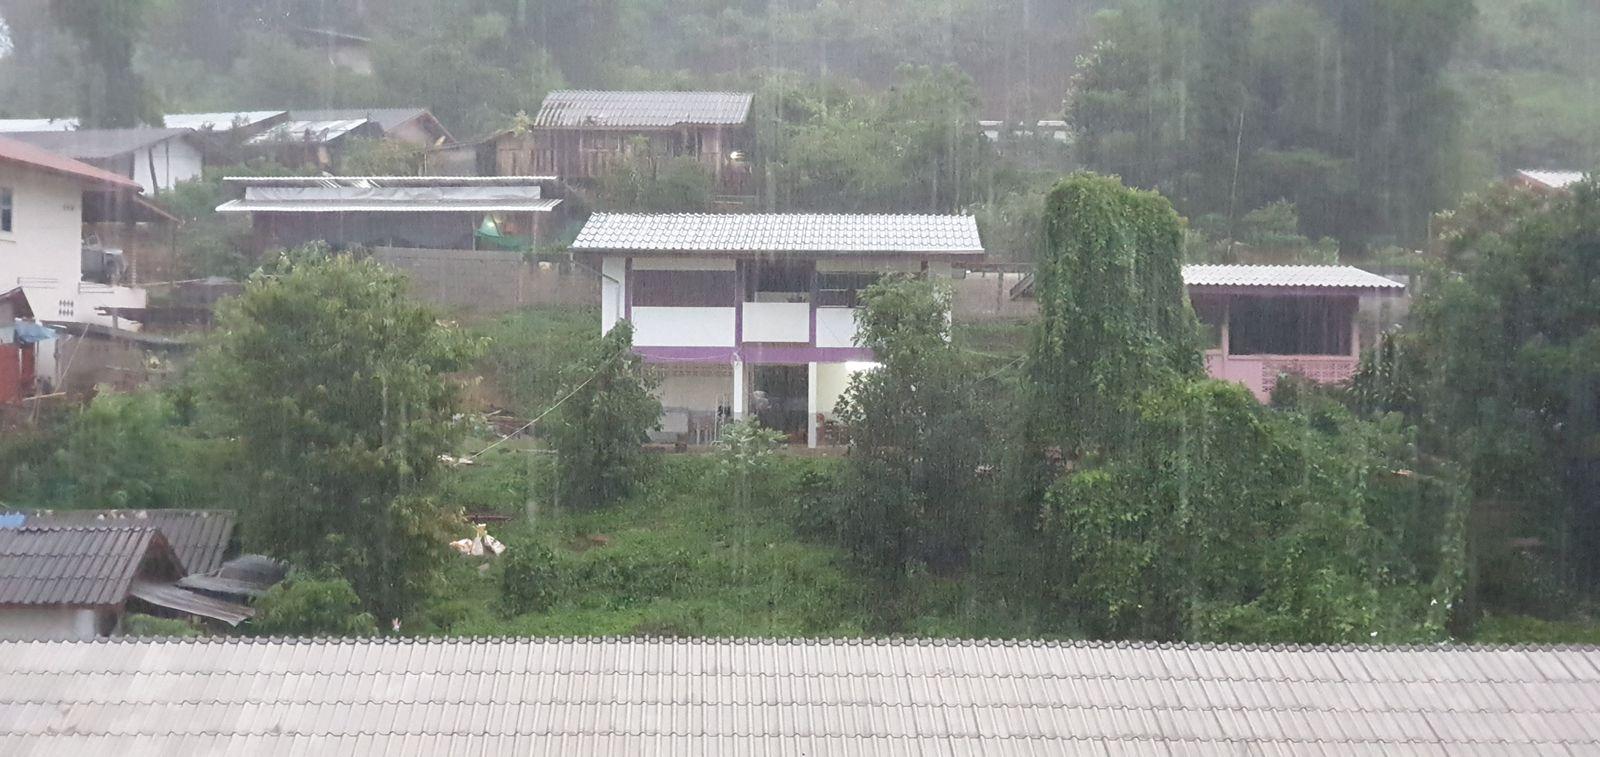 ฝนตกที่หน้าผาก